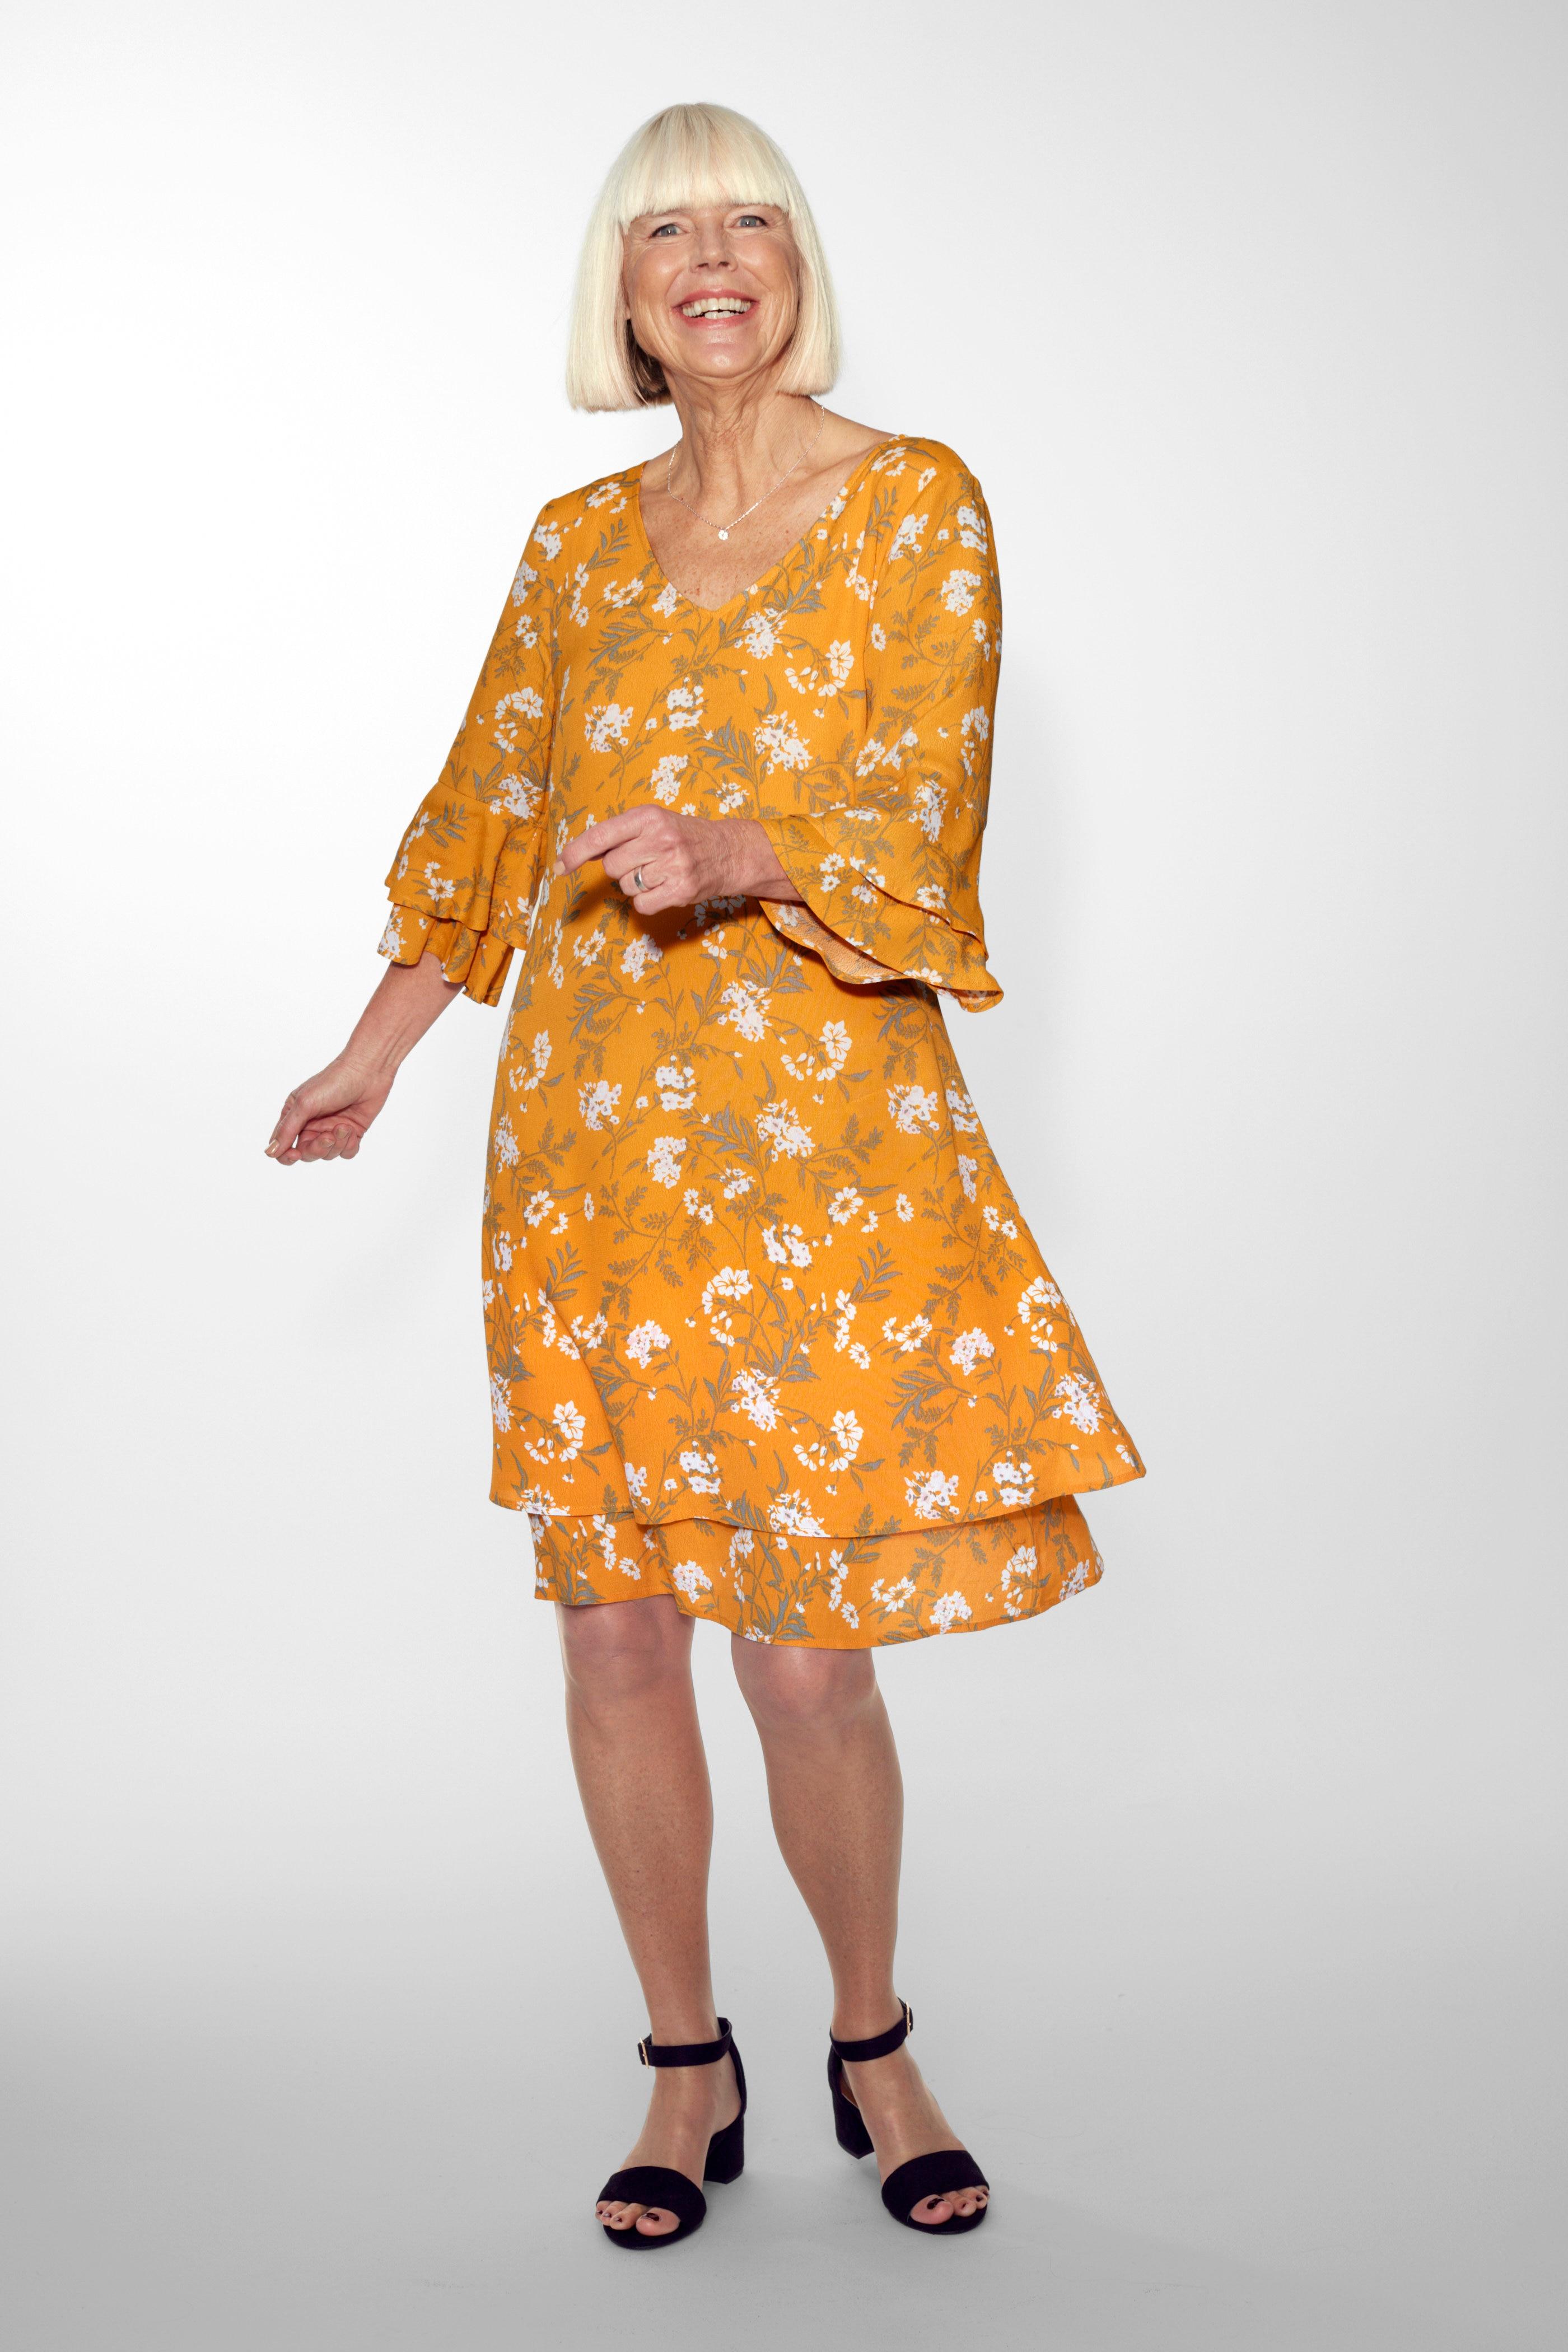 Sukienka warstwa na warstwie zrękawami zfalbanką